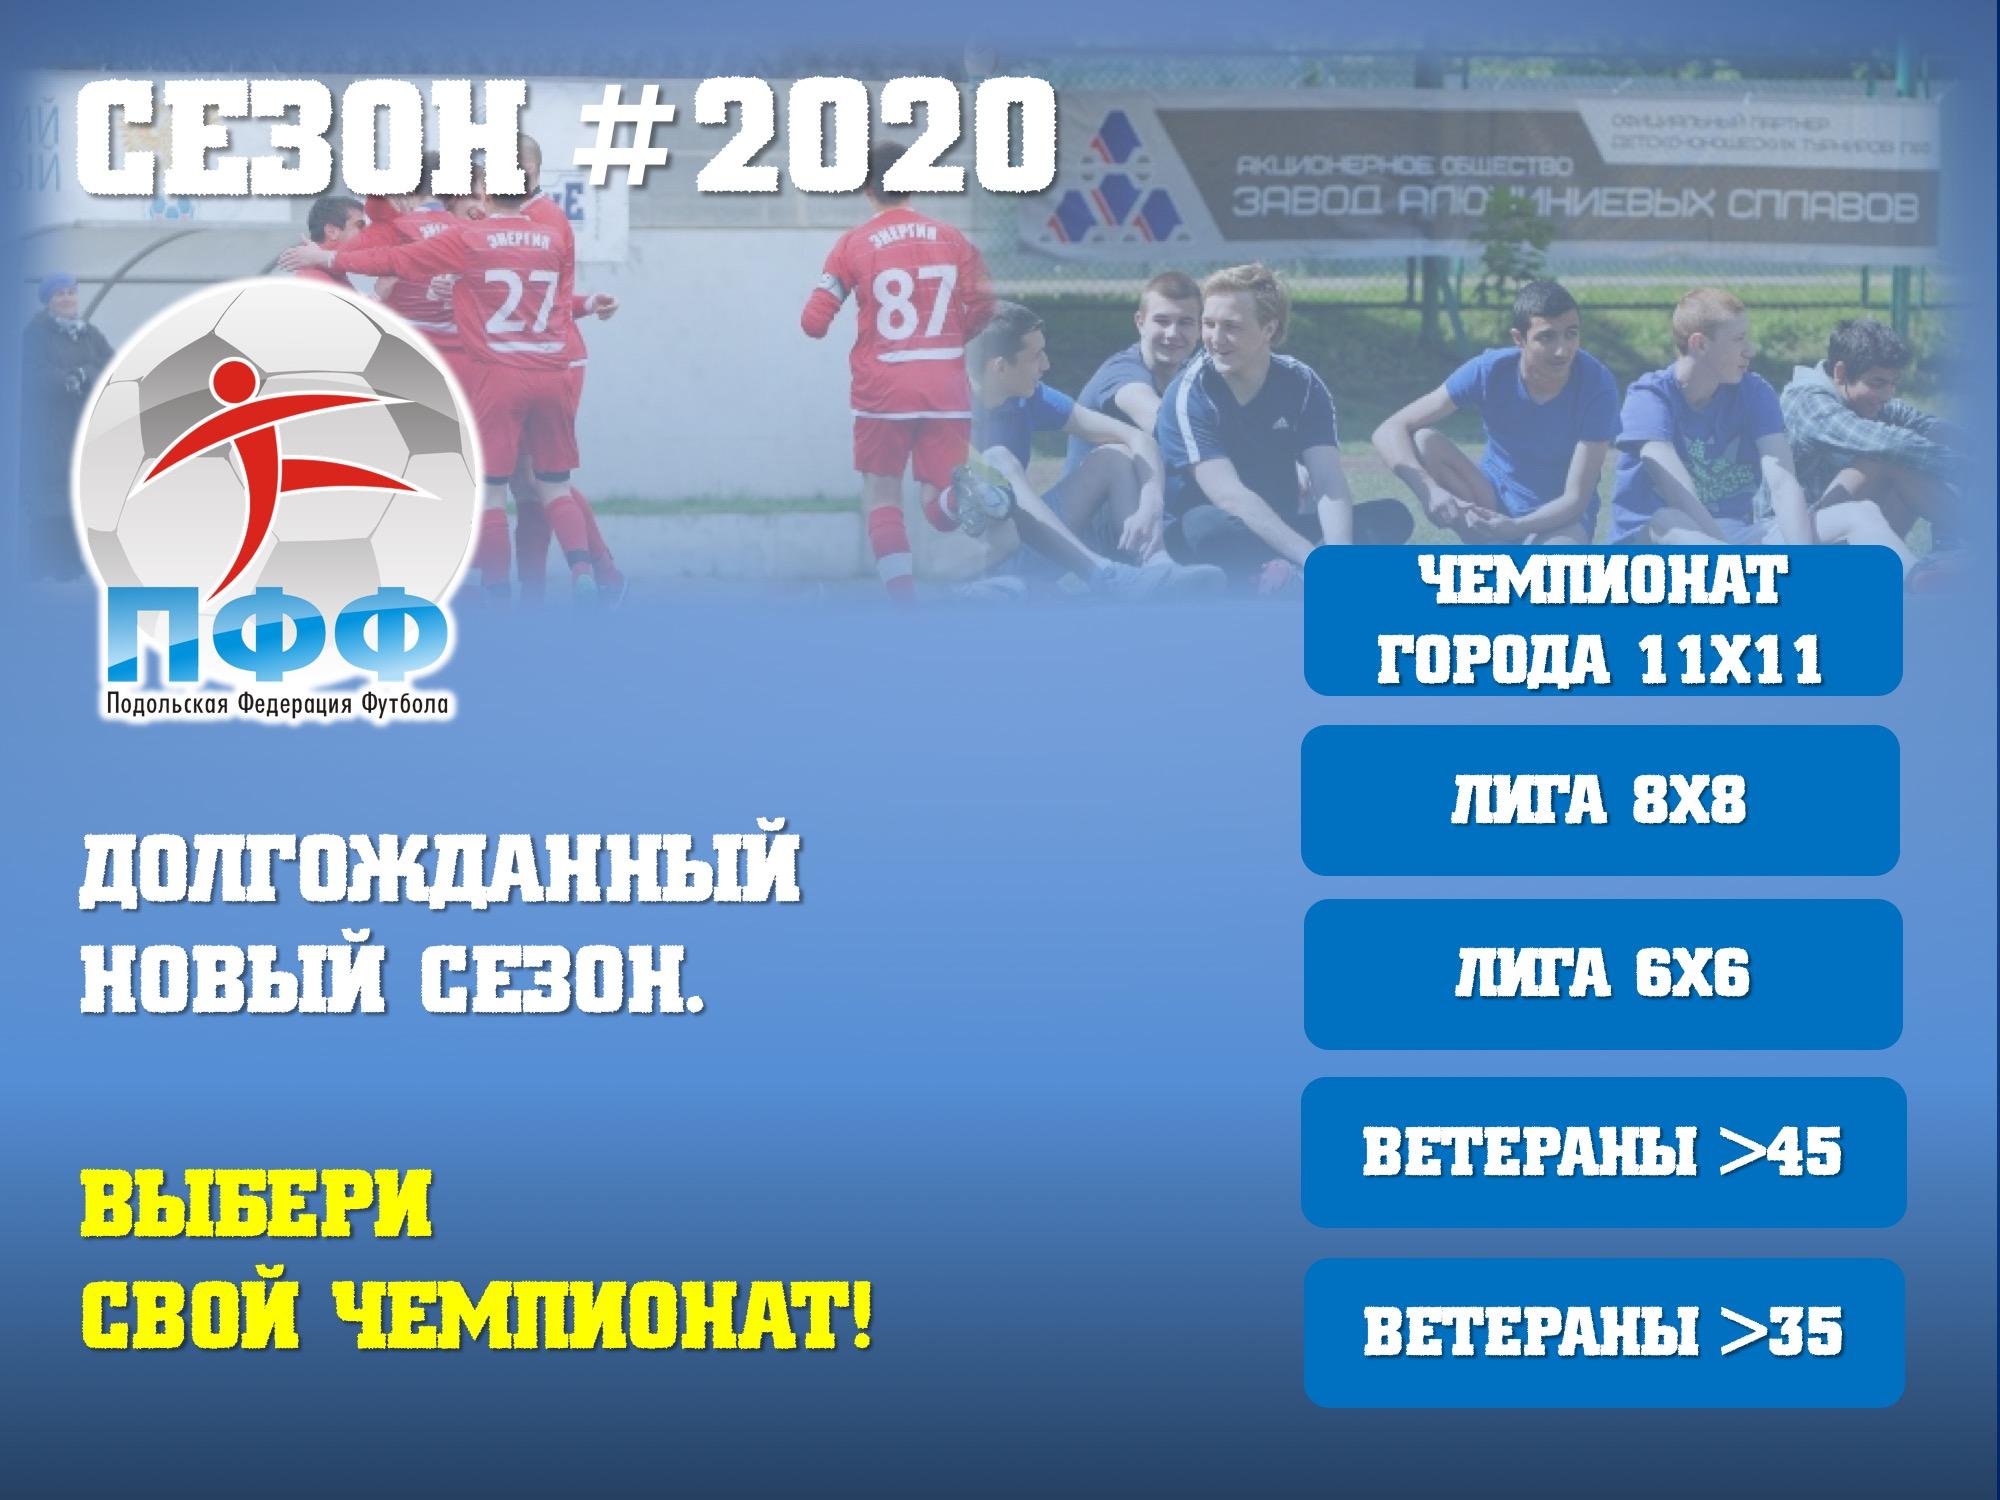 Сезон 2020: выбери чемпионат и подай заявку в два клика